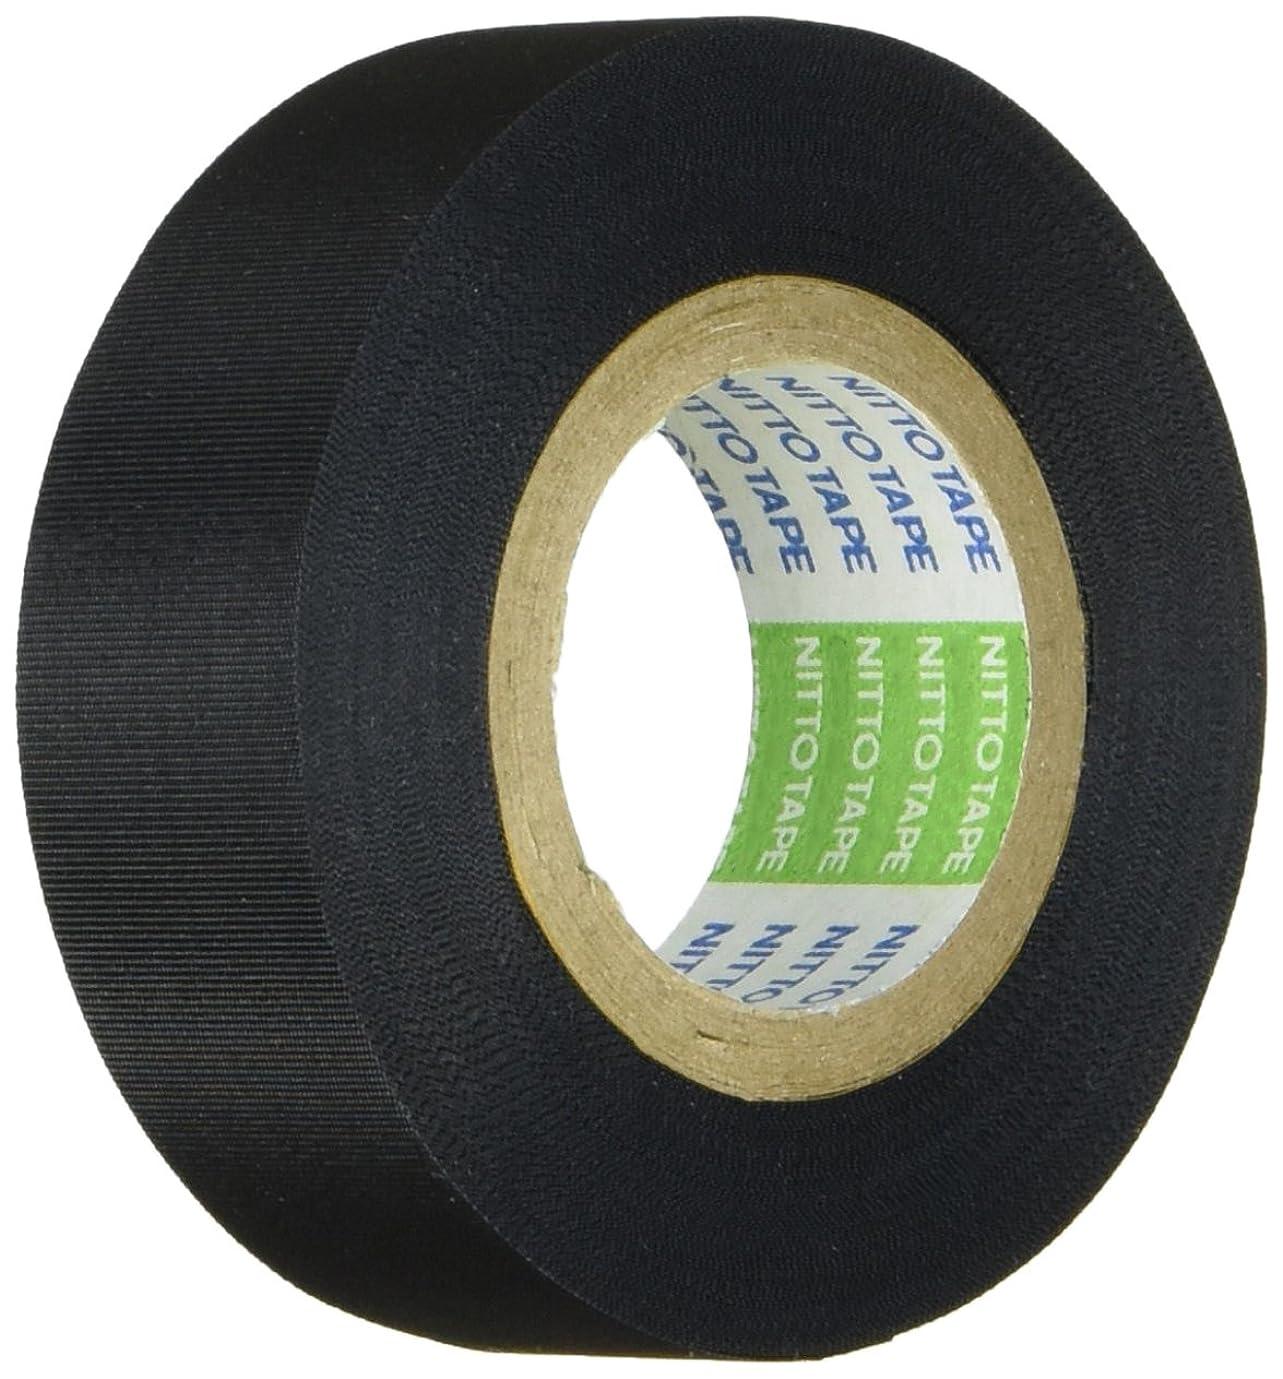 まつうら工業 A種絶縁用、結束用 日東アセテート布絶縁テープ#5 幅19mm 長さ10m 黒